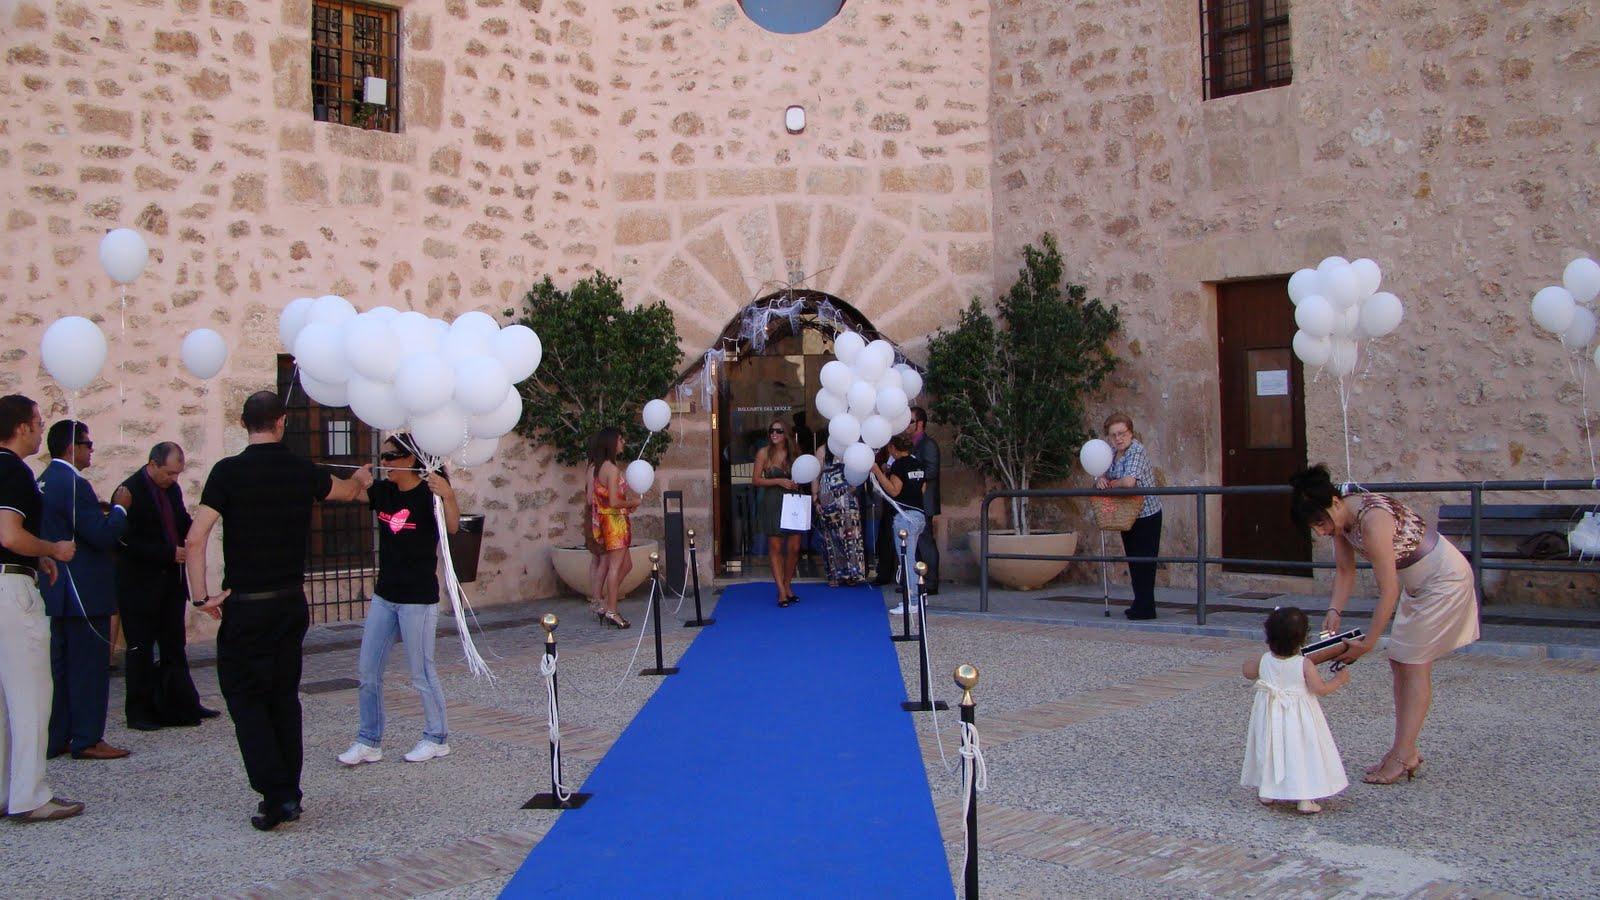 La suelta de globos la podemos hacer a la salida de la ceremonia o al final de un cóctel realizado al aire libre; una sorpresa sin duda para los invitados\u2026